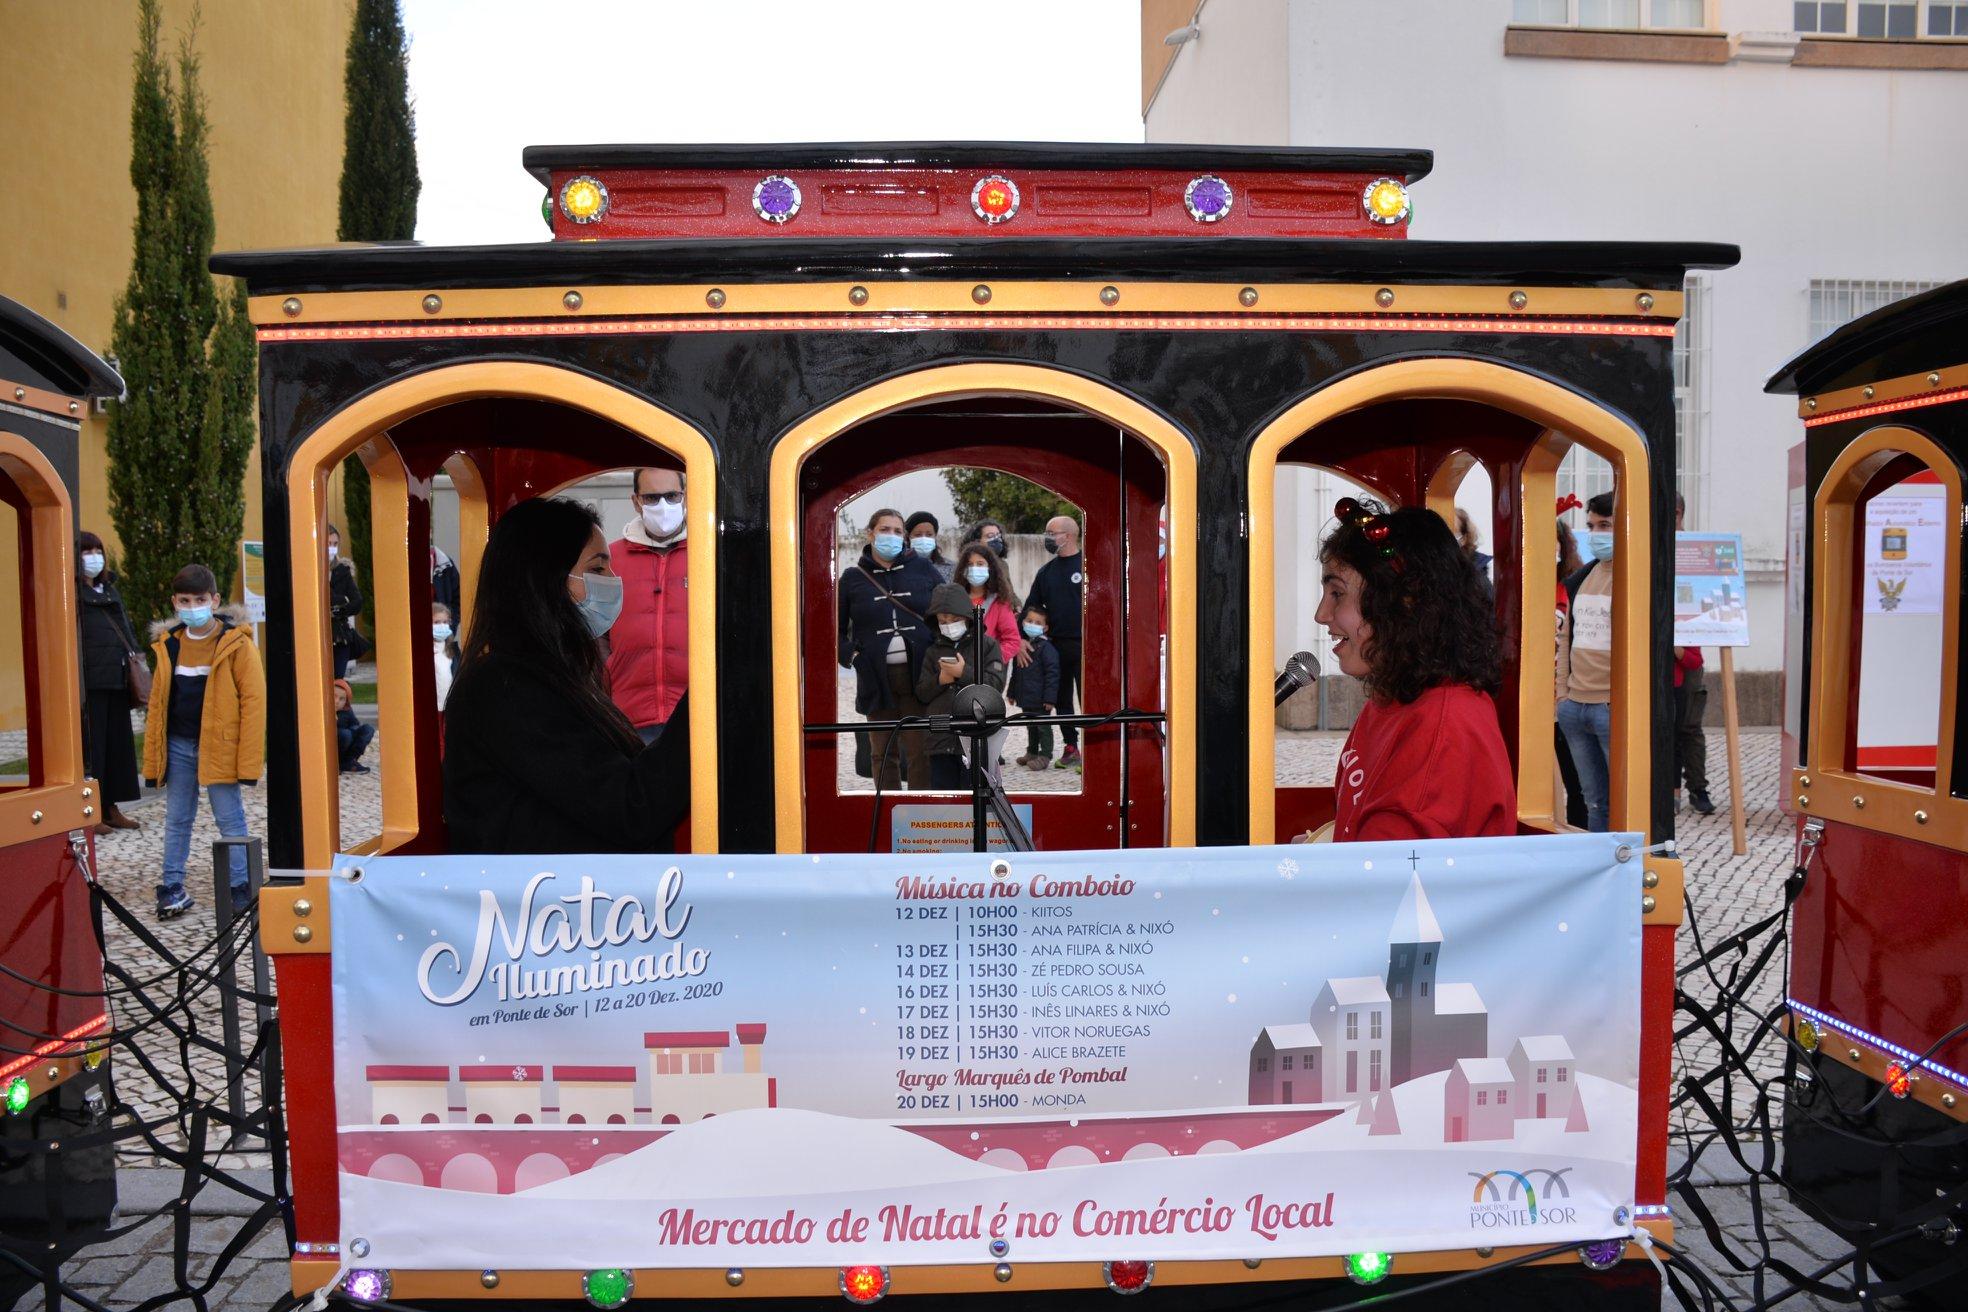 Alice Brazete no Comboio do Natal Iluminado